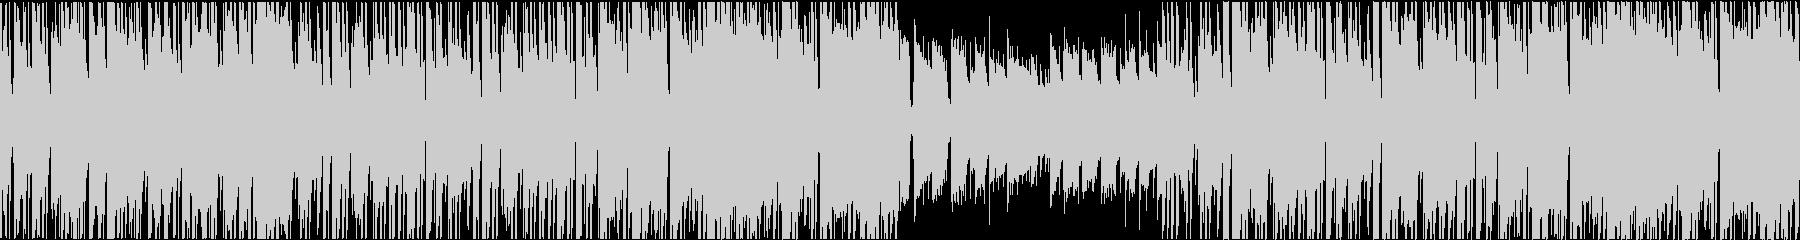 ジャジーで穏やかなヒップホップインストの未再生の波形